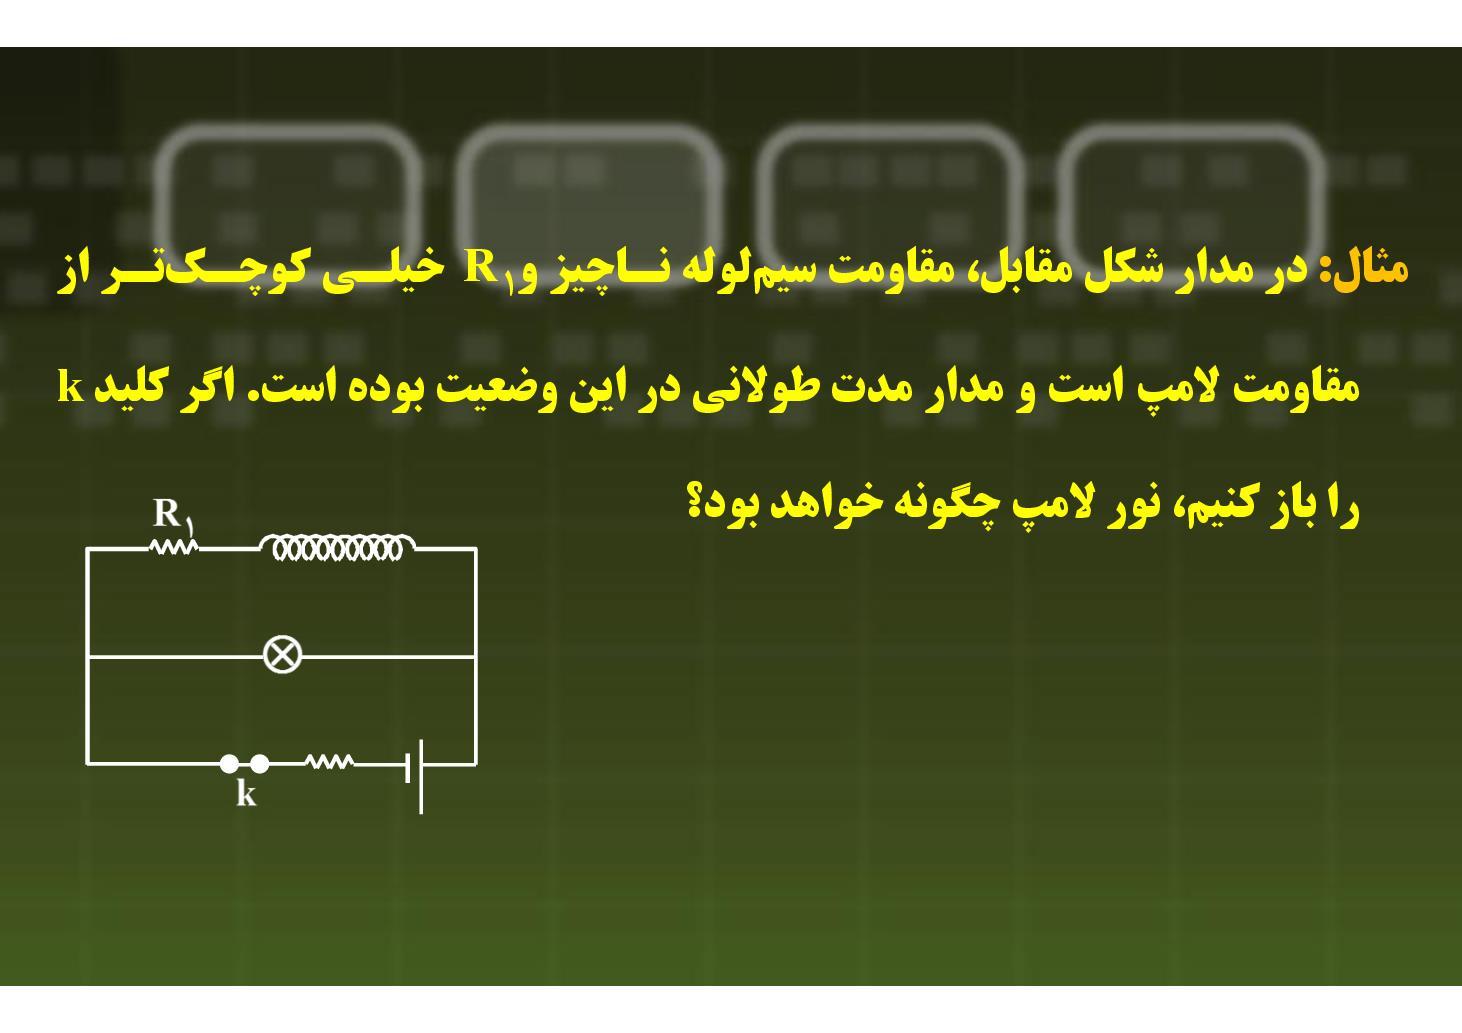 فیزیک ٣- فصل ۴ (فصل ۵ ریاضی) خودالقایی- محاسبه نیروی خودالقایی و نمودارهای آن- بخش ۴ (PDF)